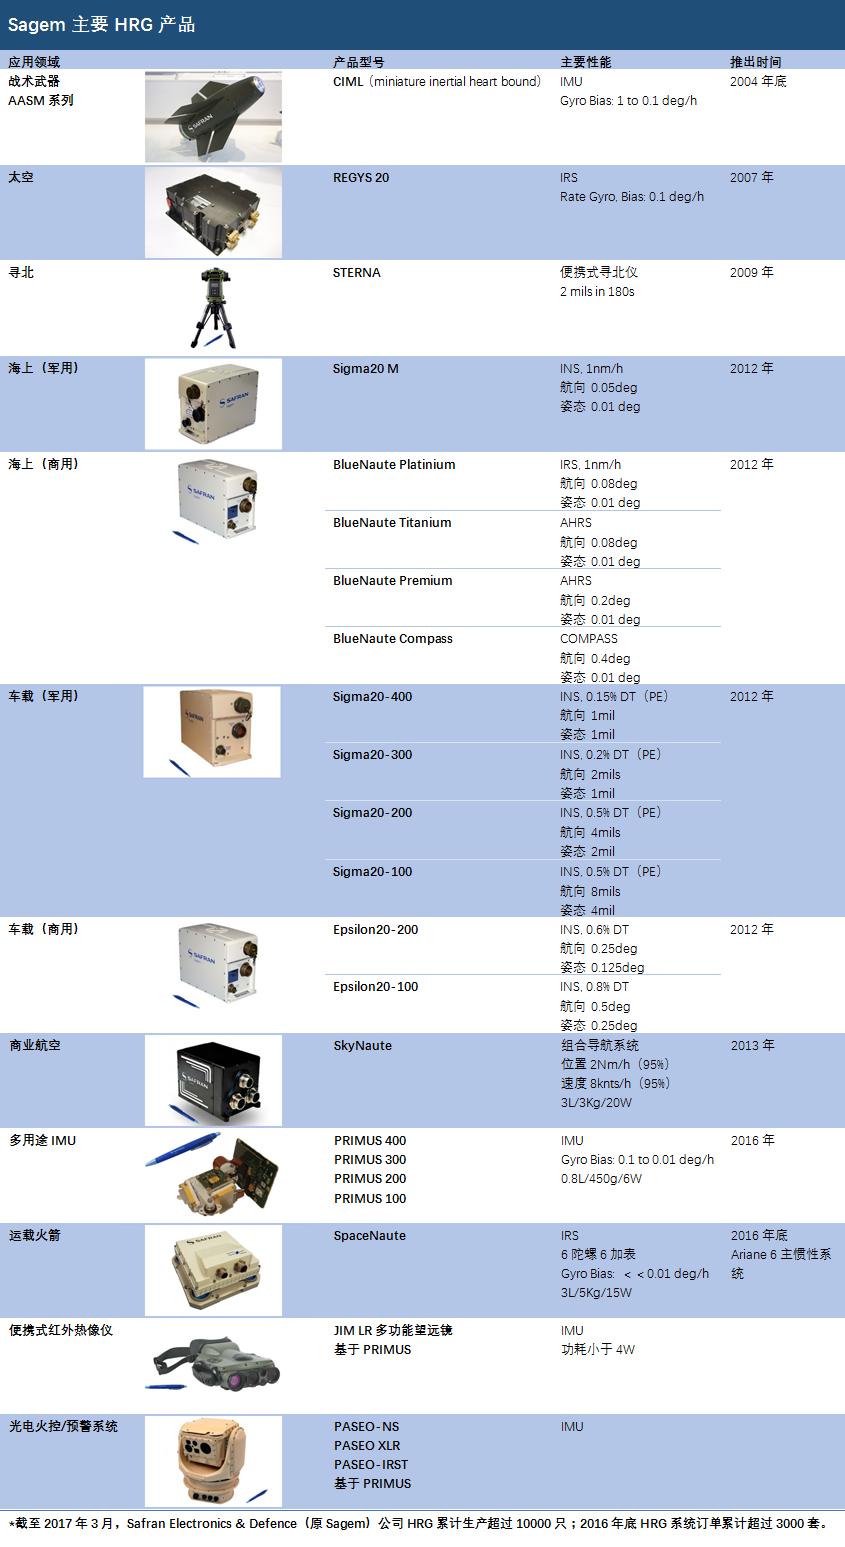 BlueNaute系列半球谐振陀螺仪惯性系统惯性基准系统